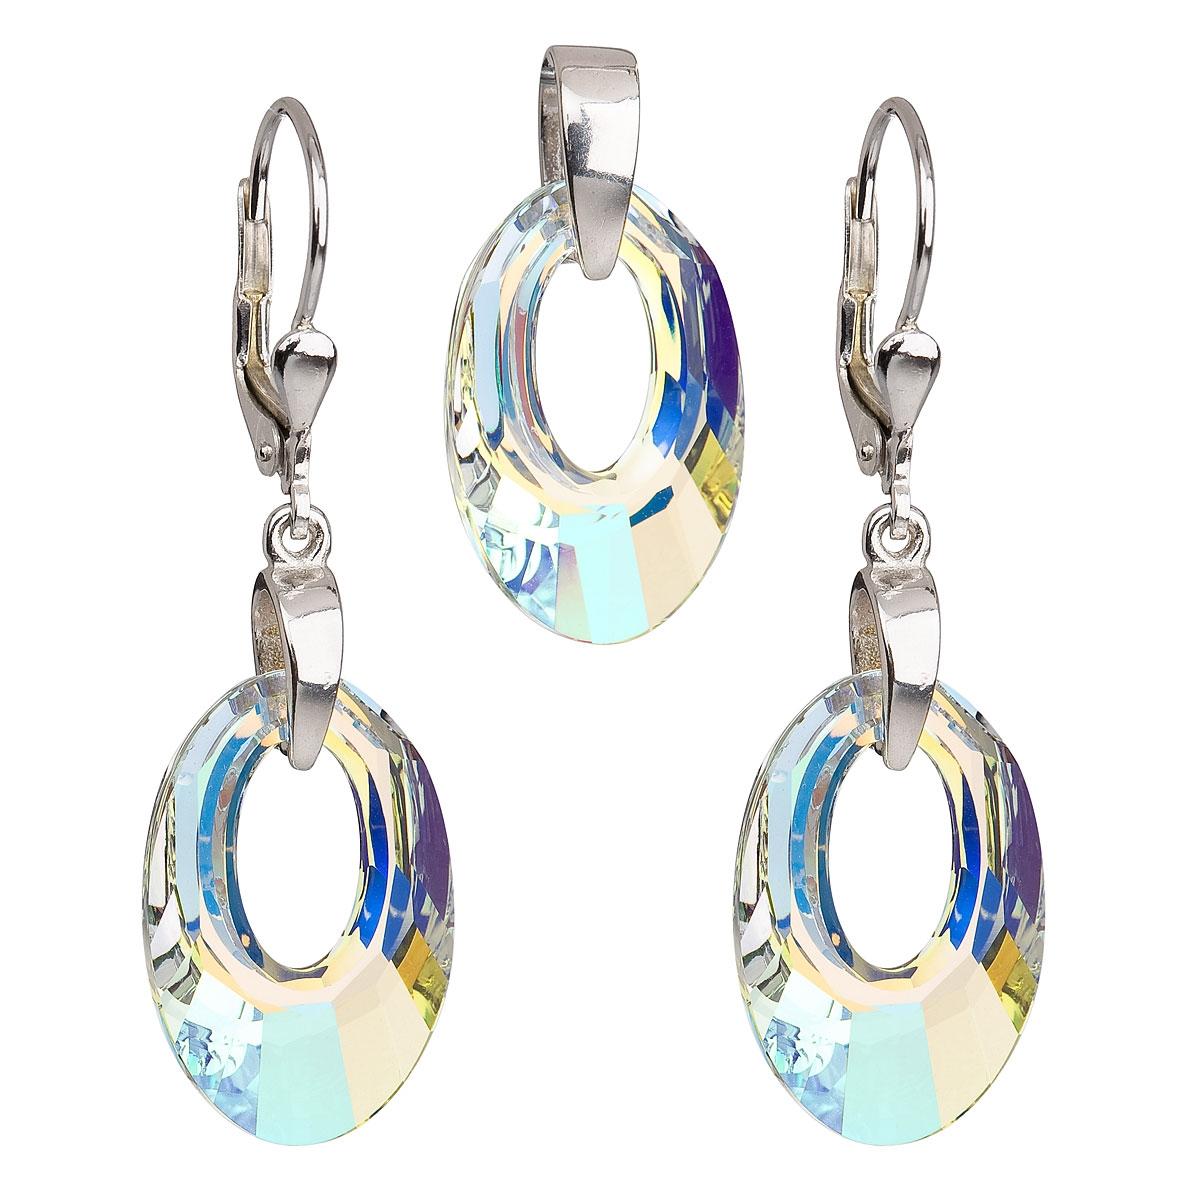 Sada šperků ovály Crystals from Swarovski® AB EG3031-AB